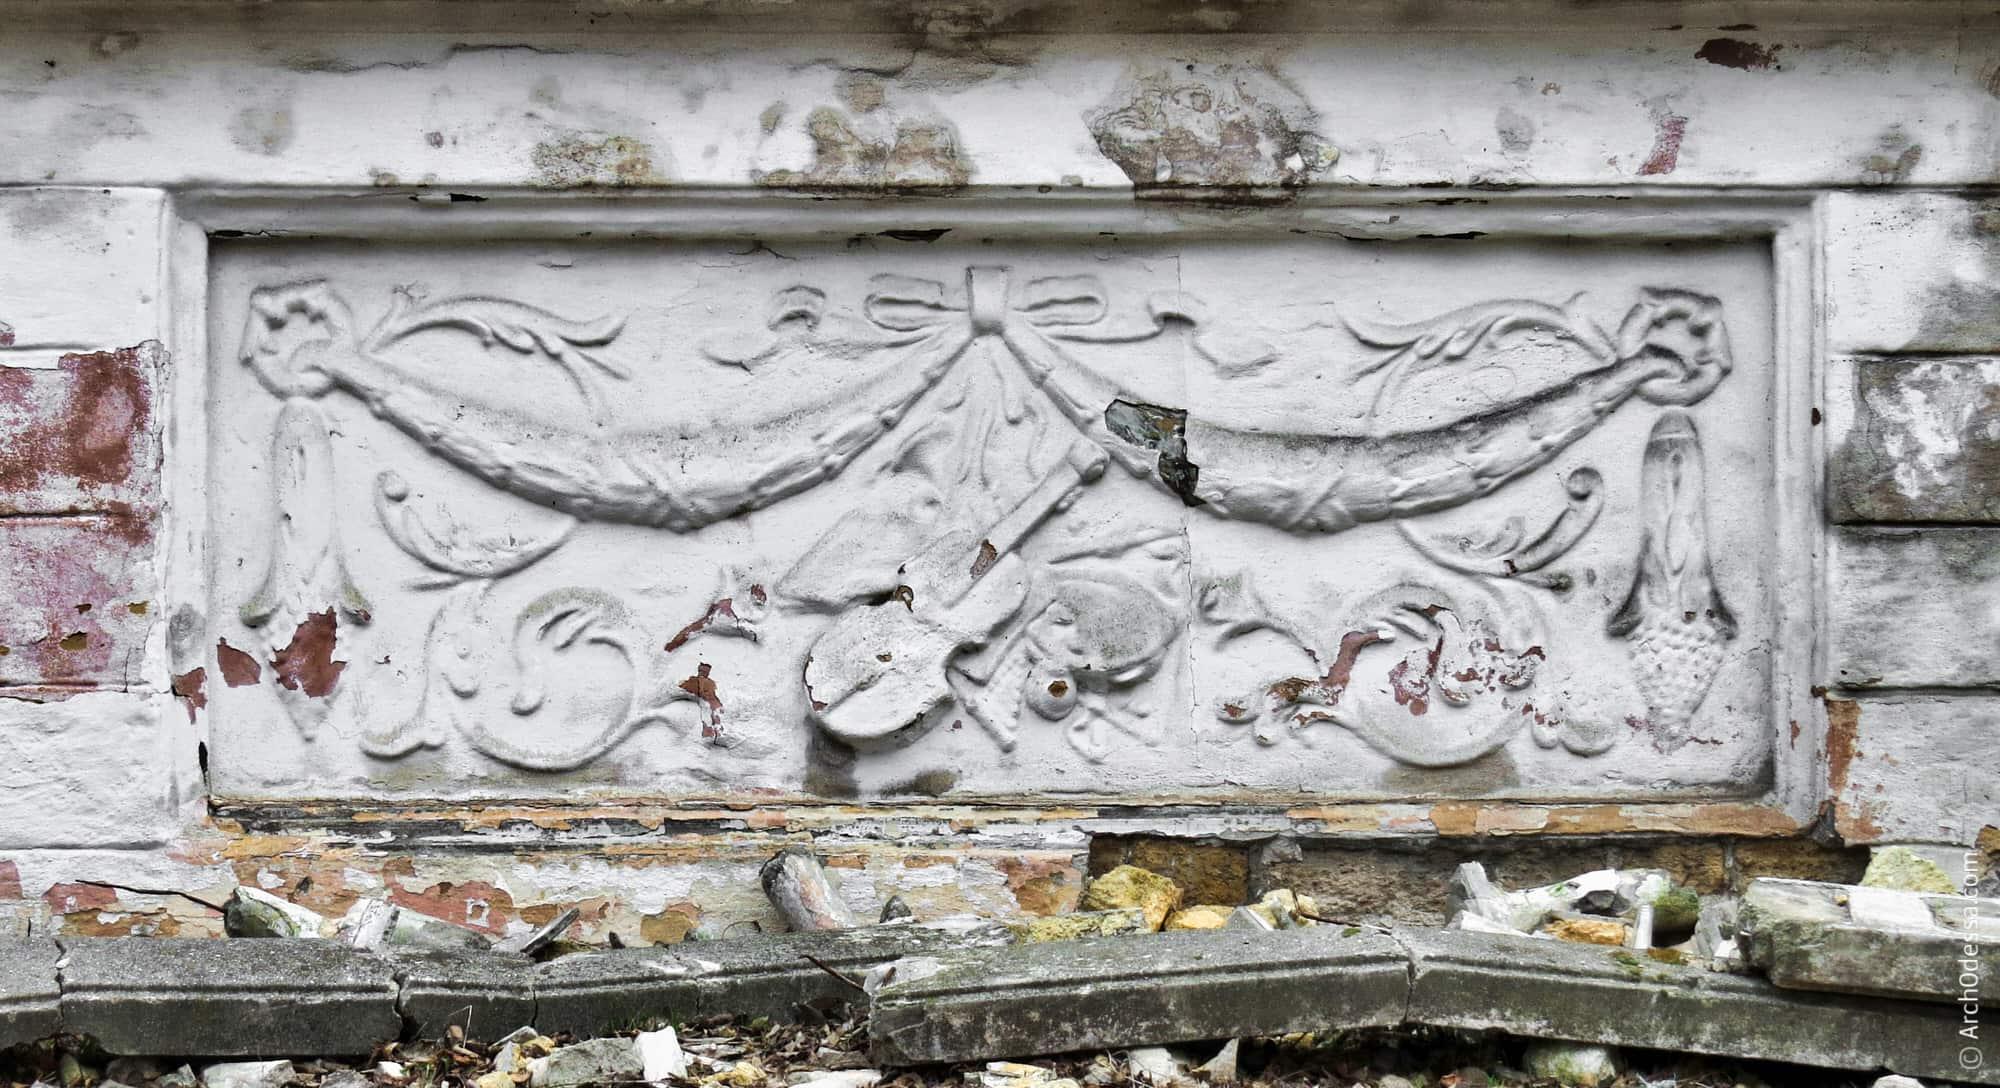 Малий лівобічний барельєф (фото кінця 2012 року)